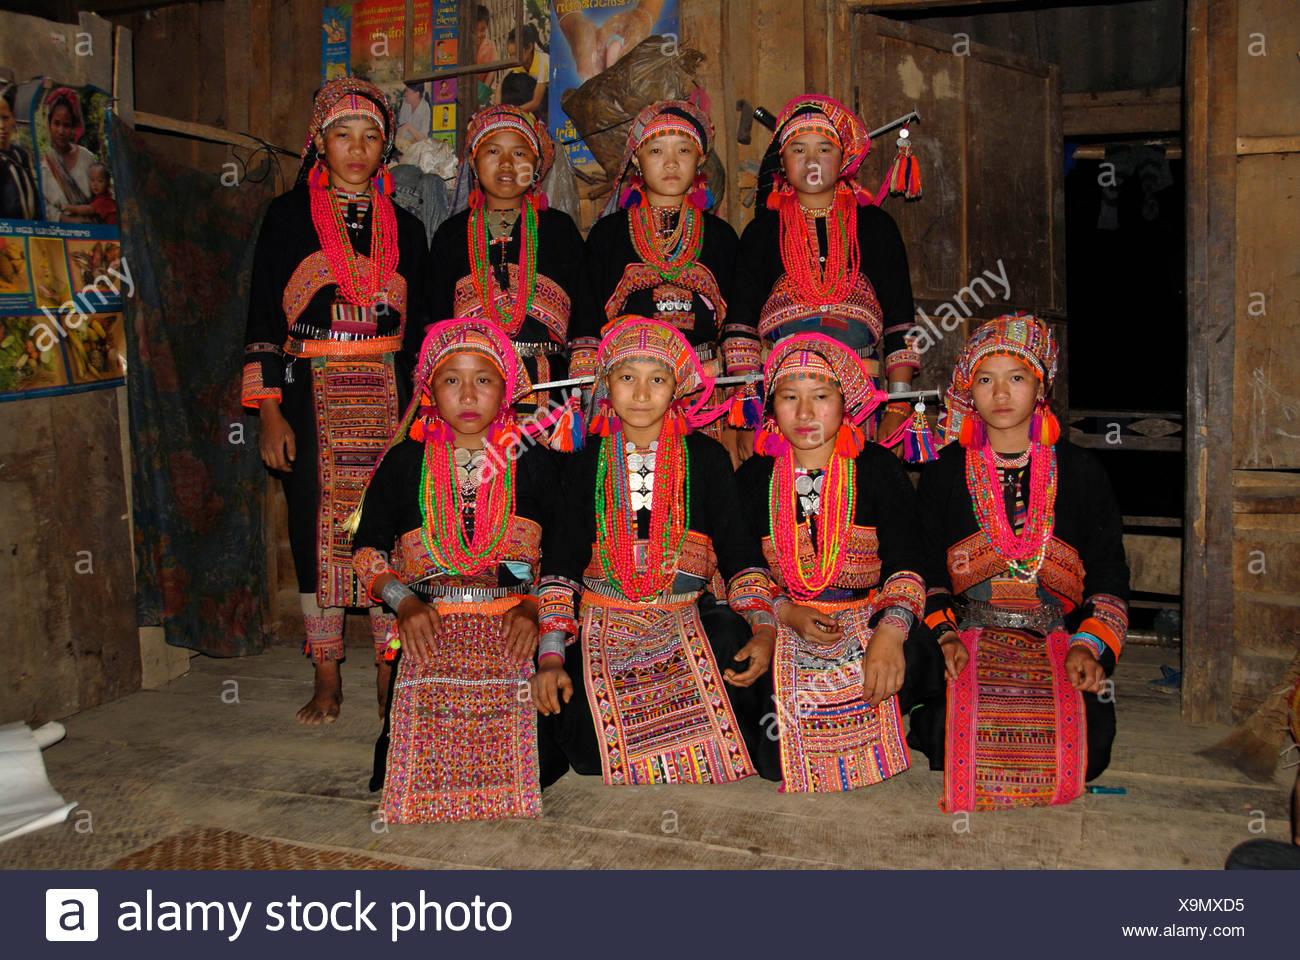 Gruppe erschossen, Ethnologie, junge Akha Pala Frauen in bunten Trachten, Ban Hongleuk, Muang Khoua Bezirk, Pho gekleidet Stockbild